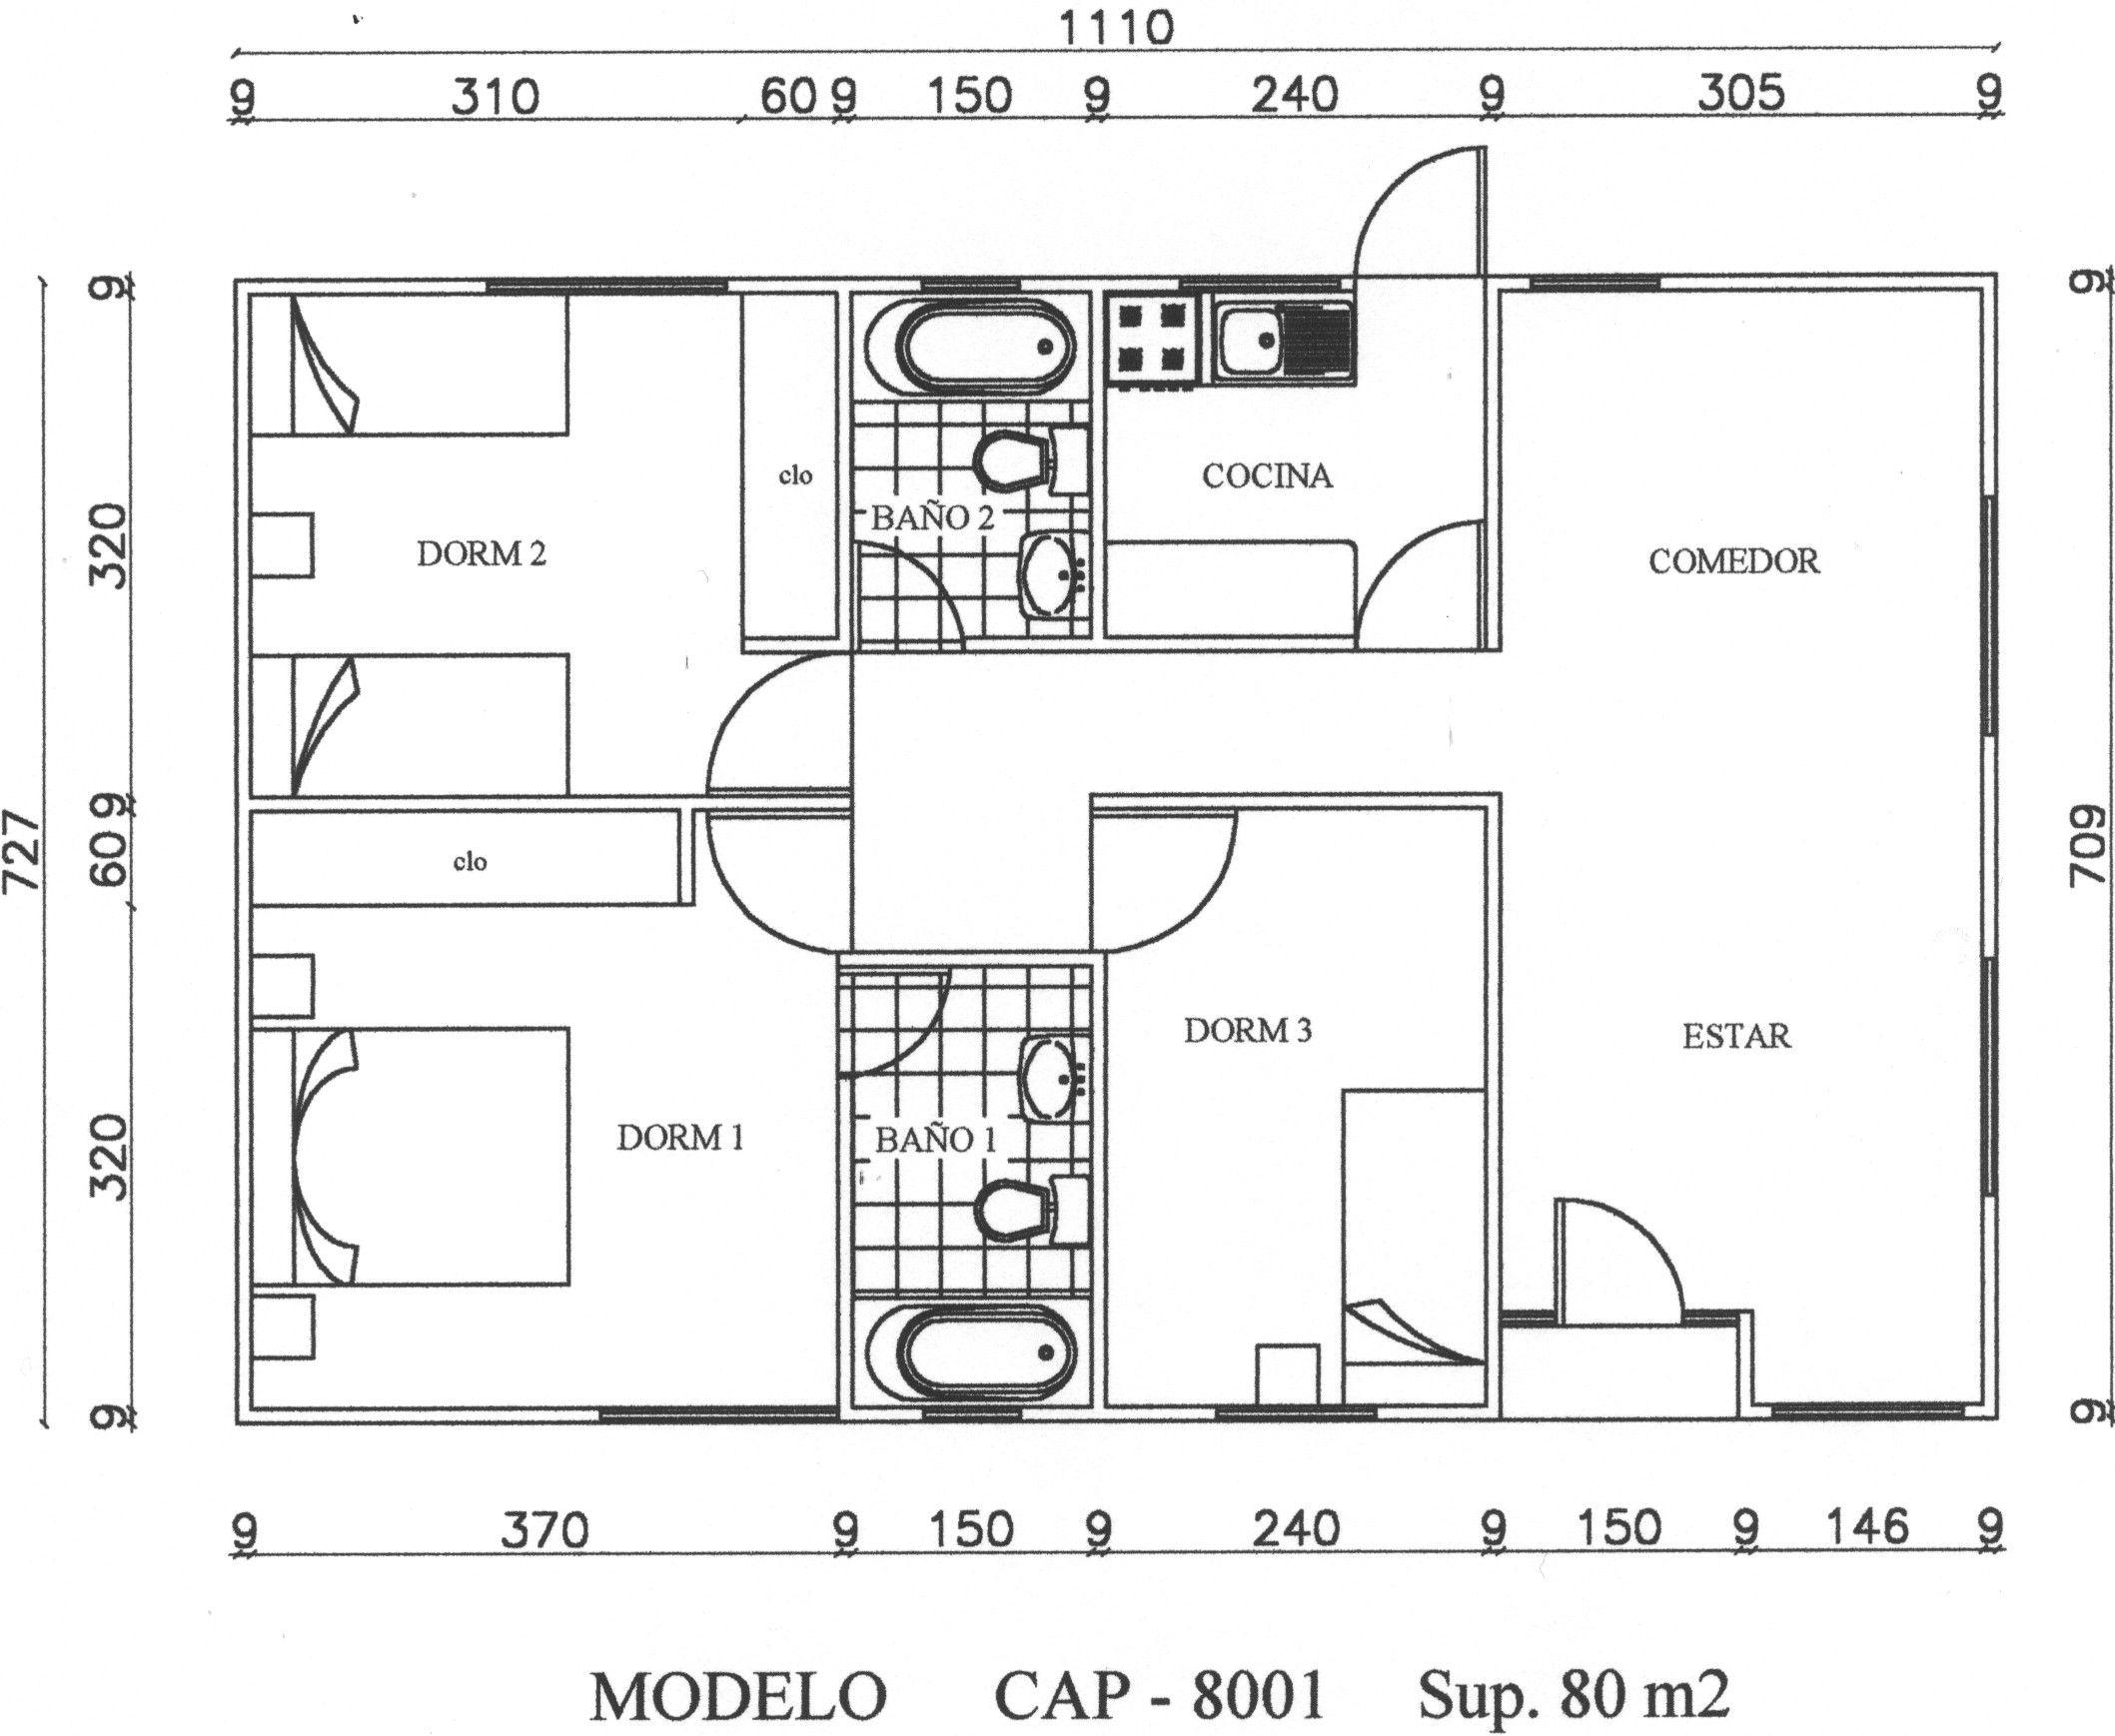 Plano casa 60 m2 3 habitaciones prefabricada buscar con for Casa moderna 60 m2